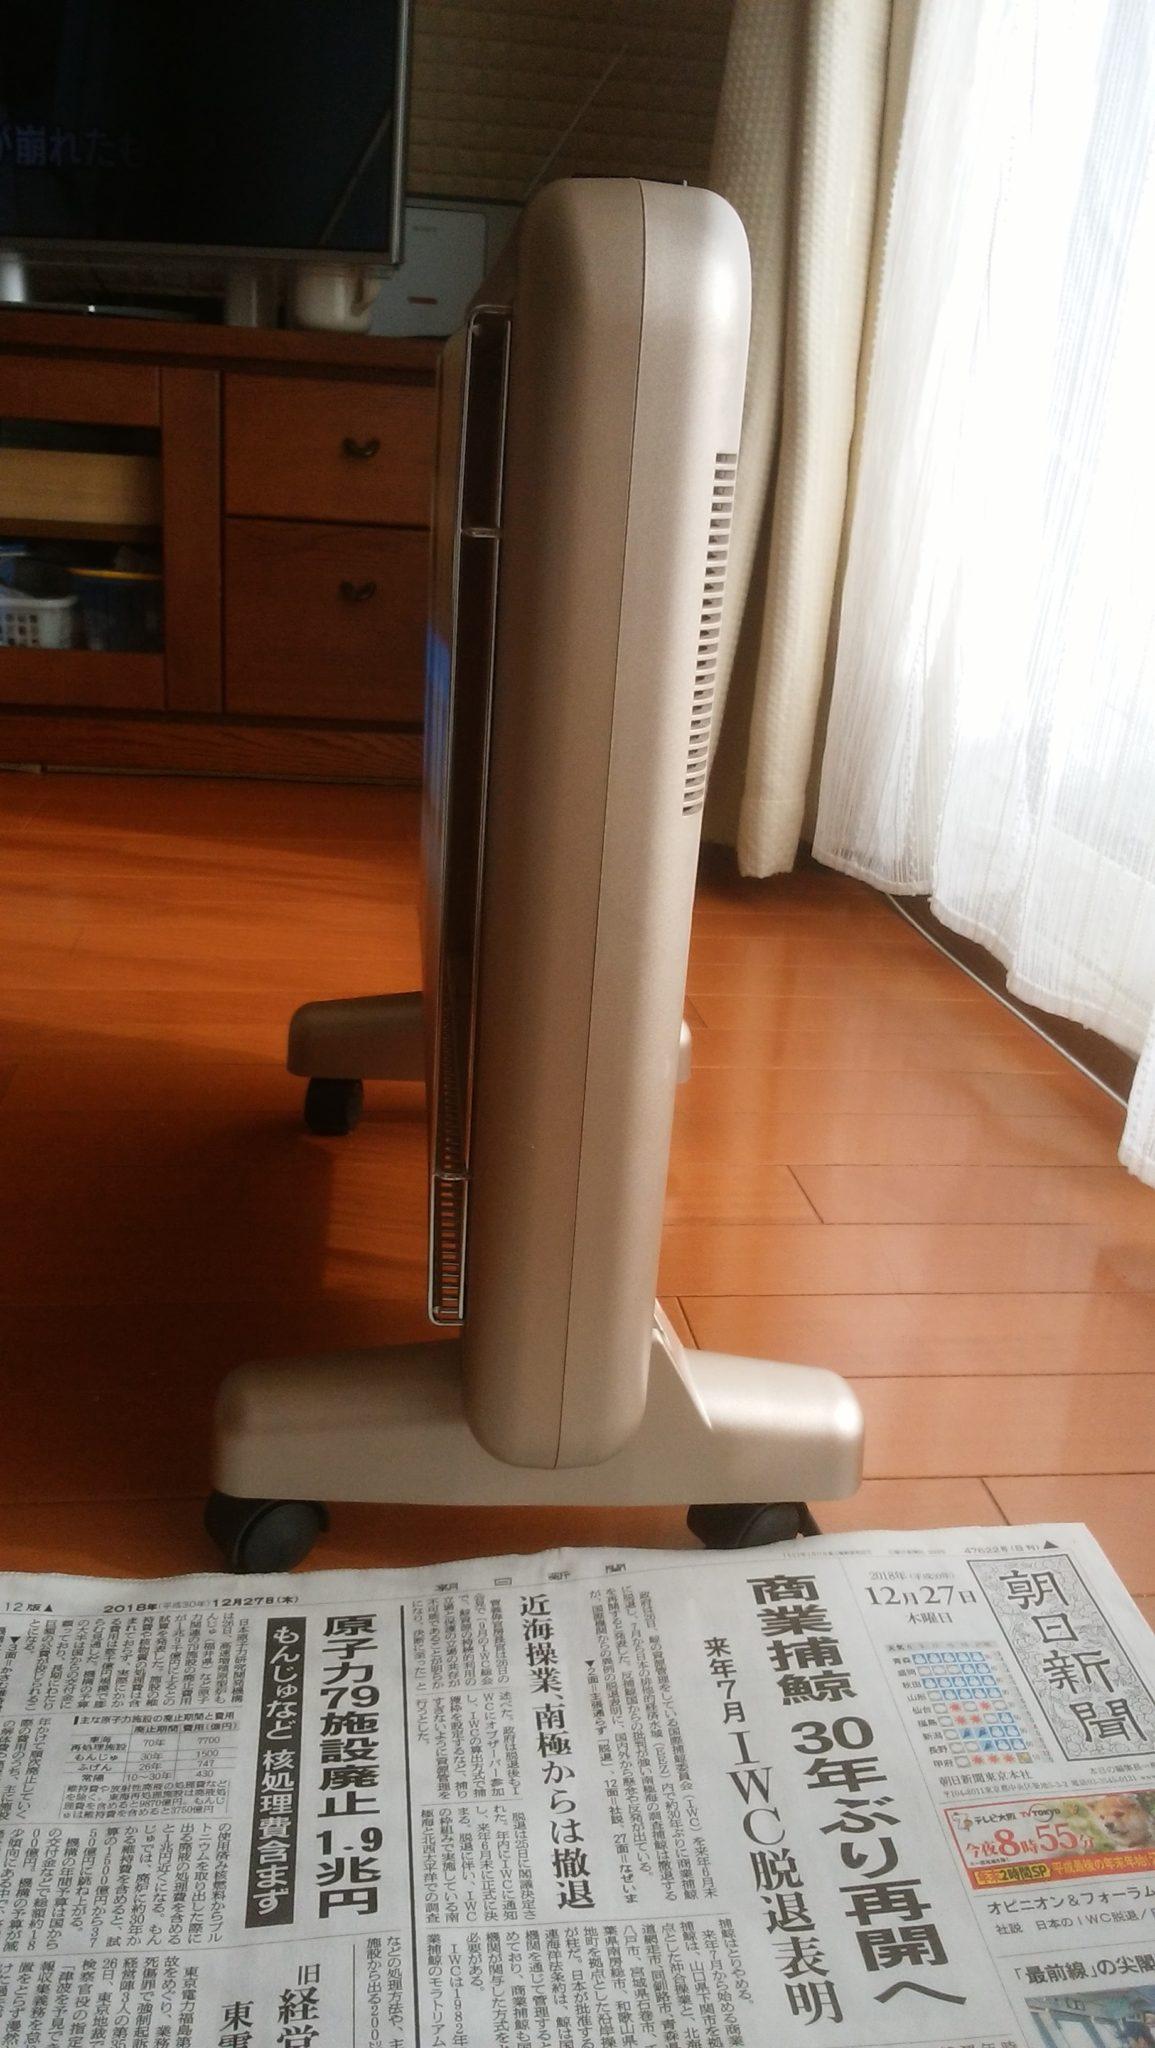 遠赤外線暖房器 サンルミエ タイマー付